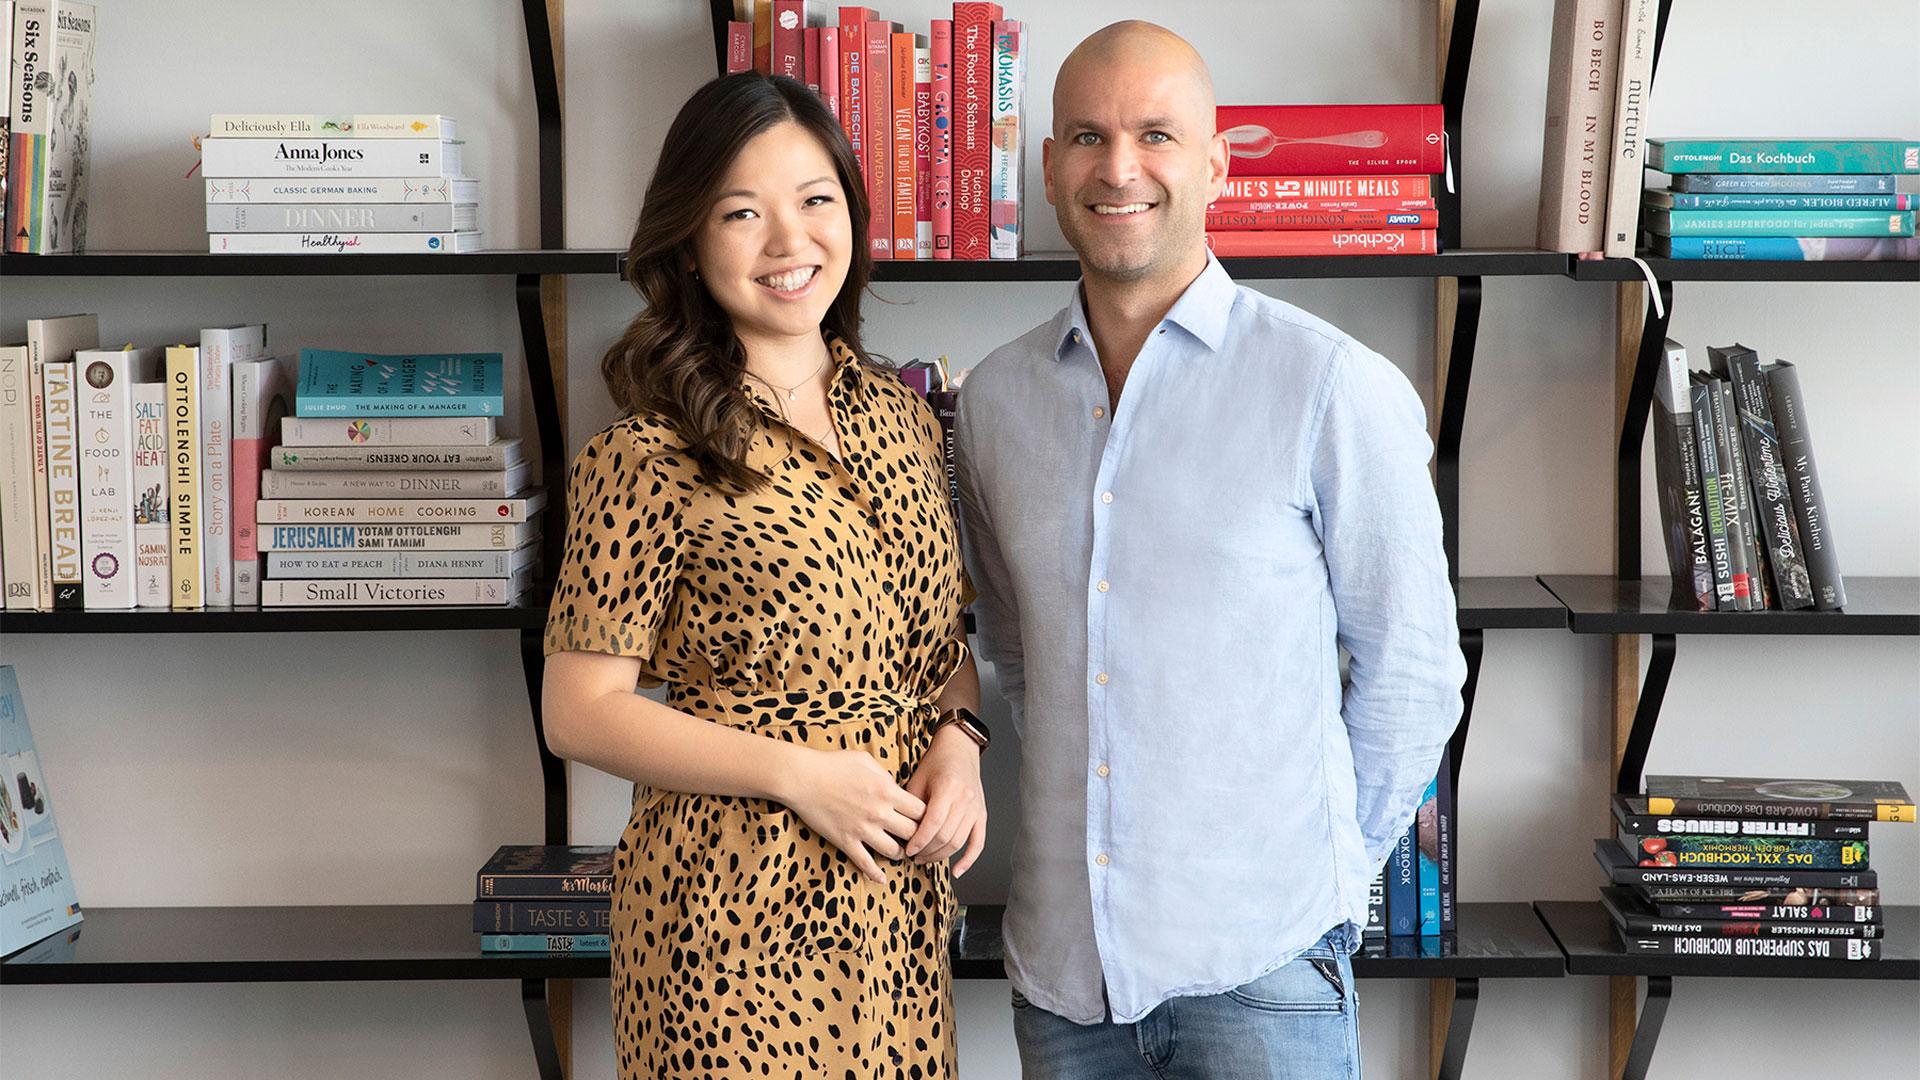 Das Führungsteam von Kitchen Stories: Mengting Gao (CEO & Gründerin) und Alexander Bauer (COO)